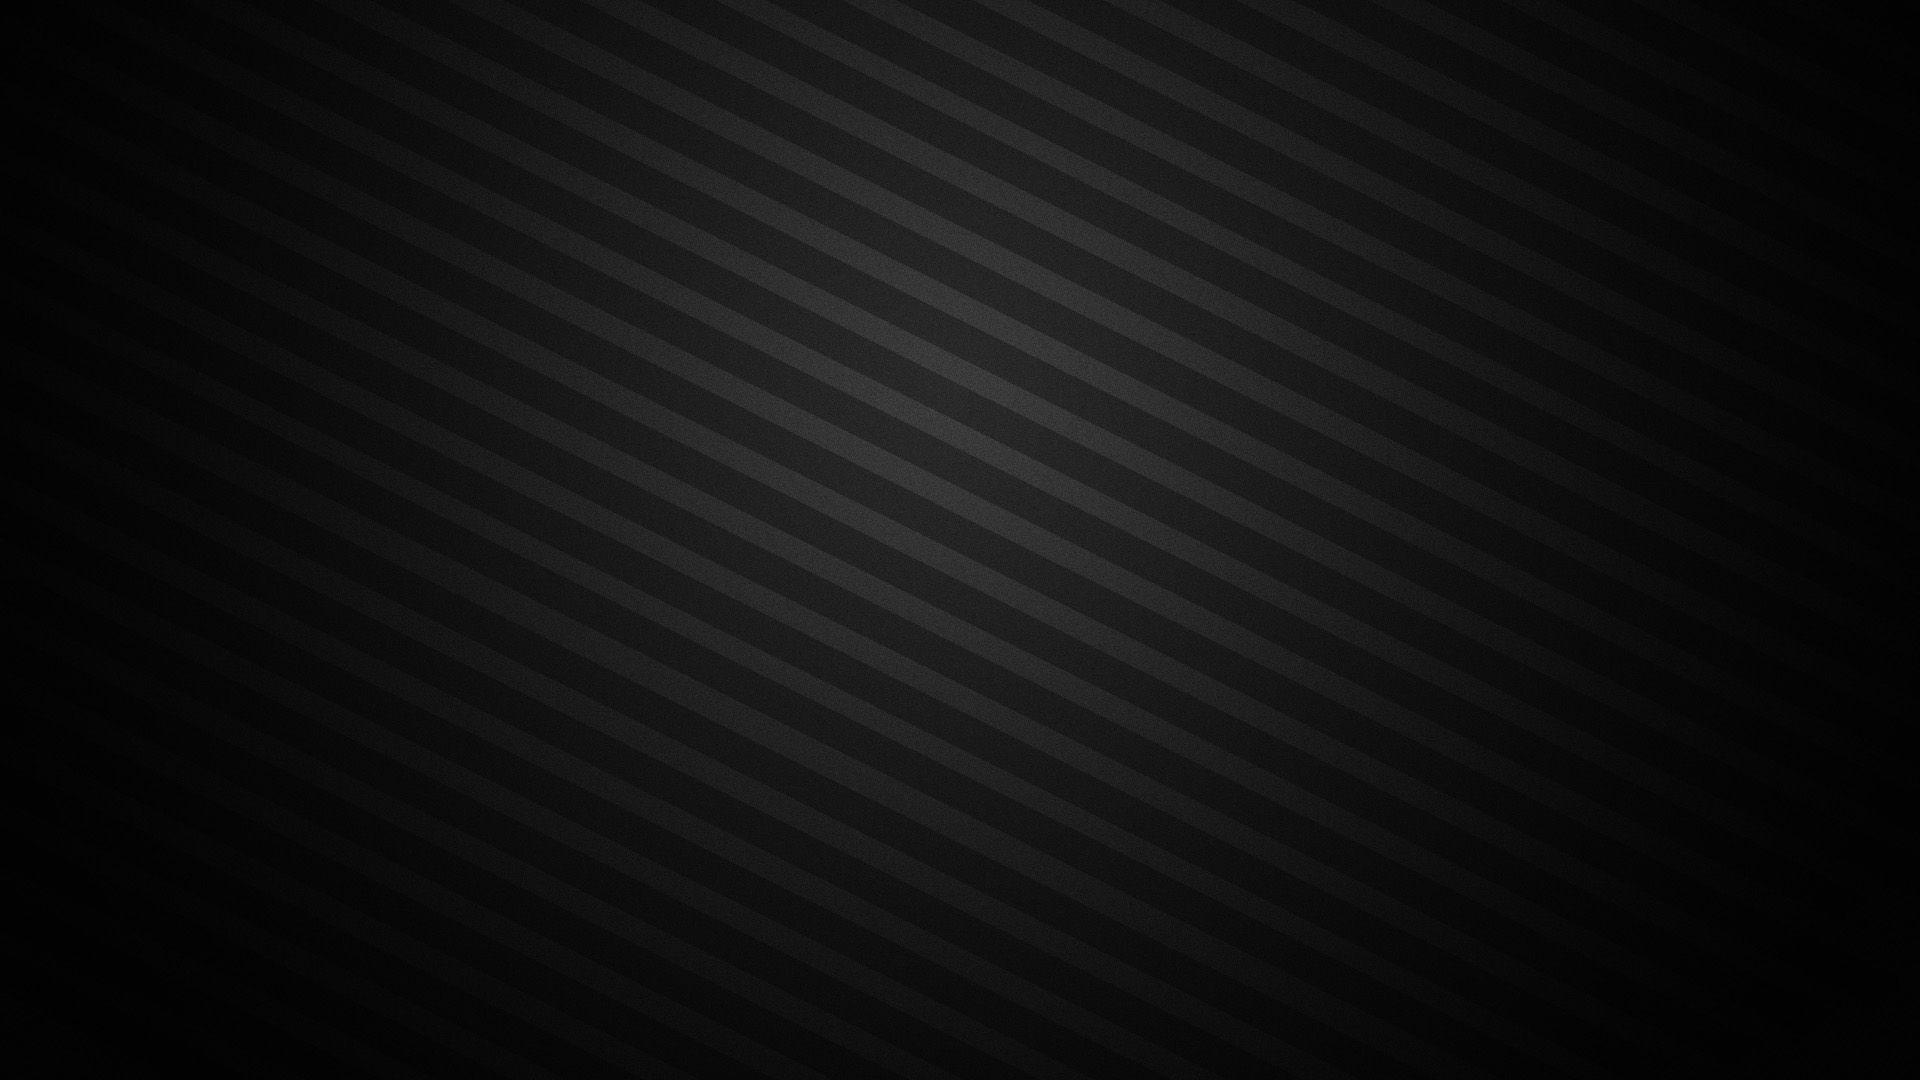 Minimalistic Pattern Striped Texture 1920x1080 Wallpaper Black Wallpaper Dark Black Wallpaper Black Hd Wallpaper